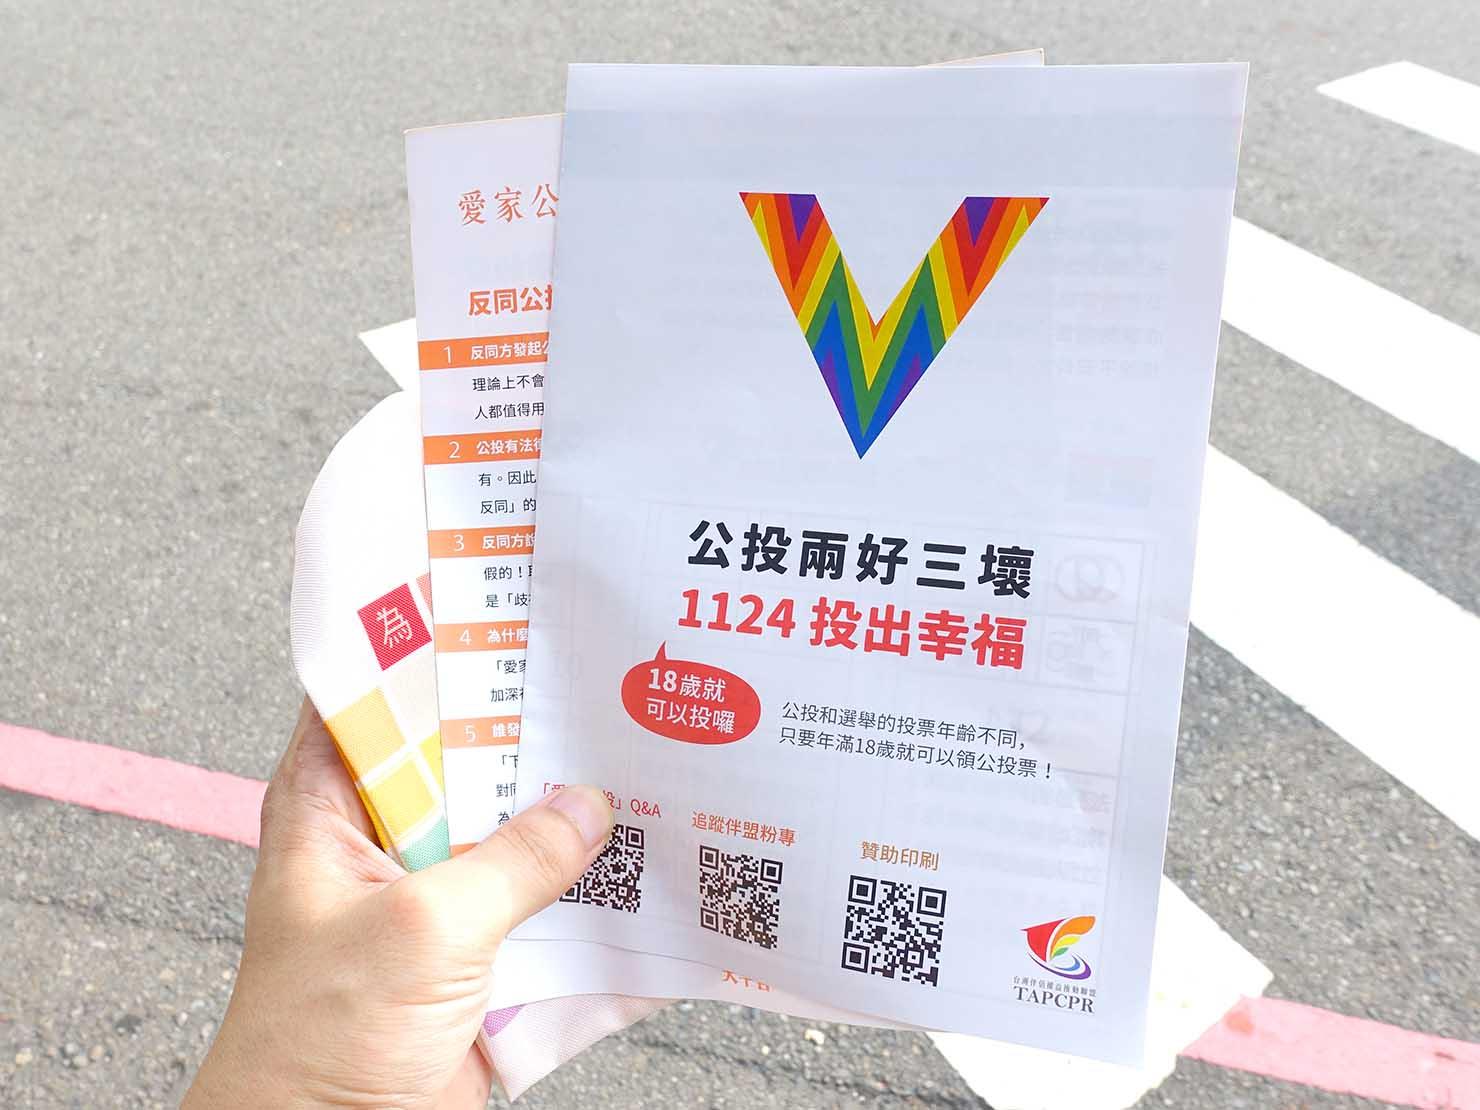 台中同志遊行(台中LGBTプライド)2018パレードで配布された国民投票に関するフライヤー